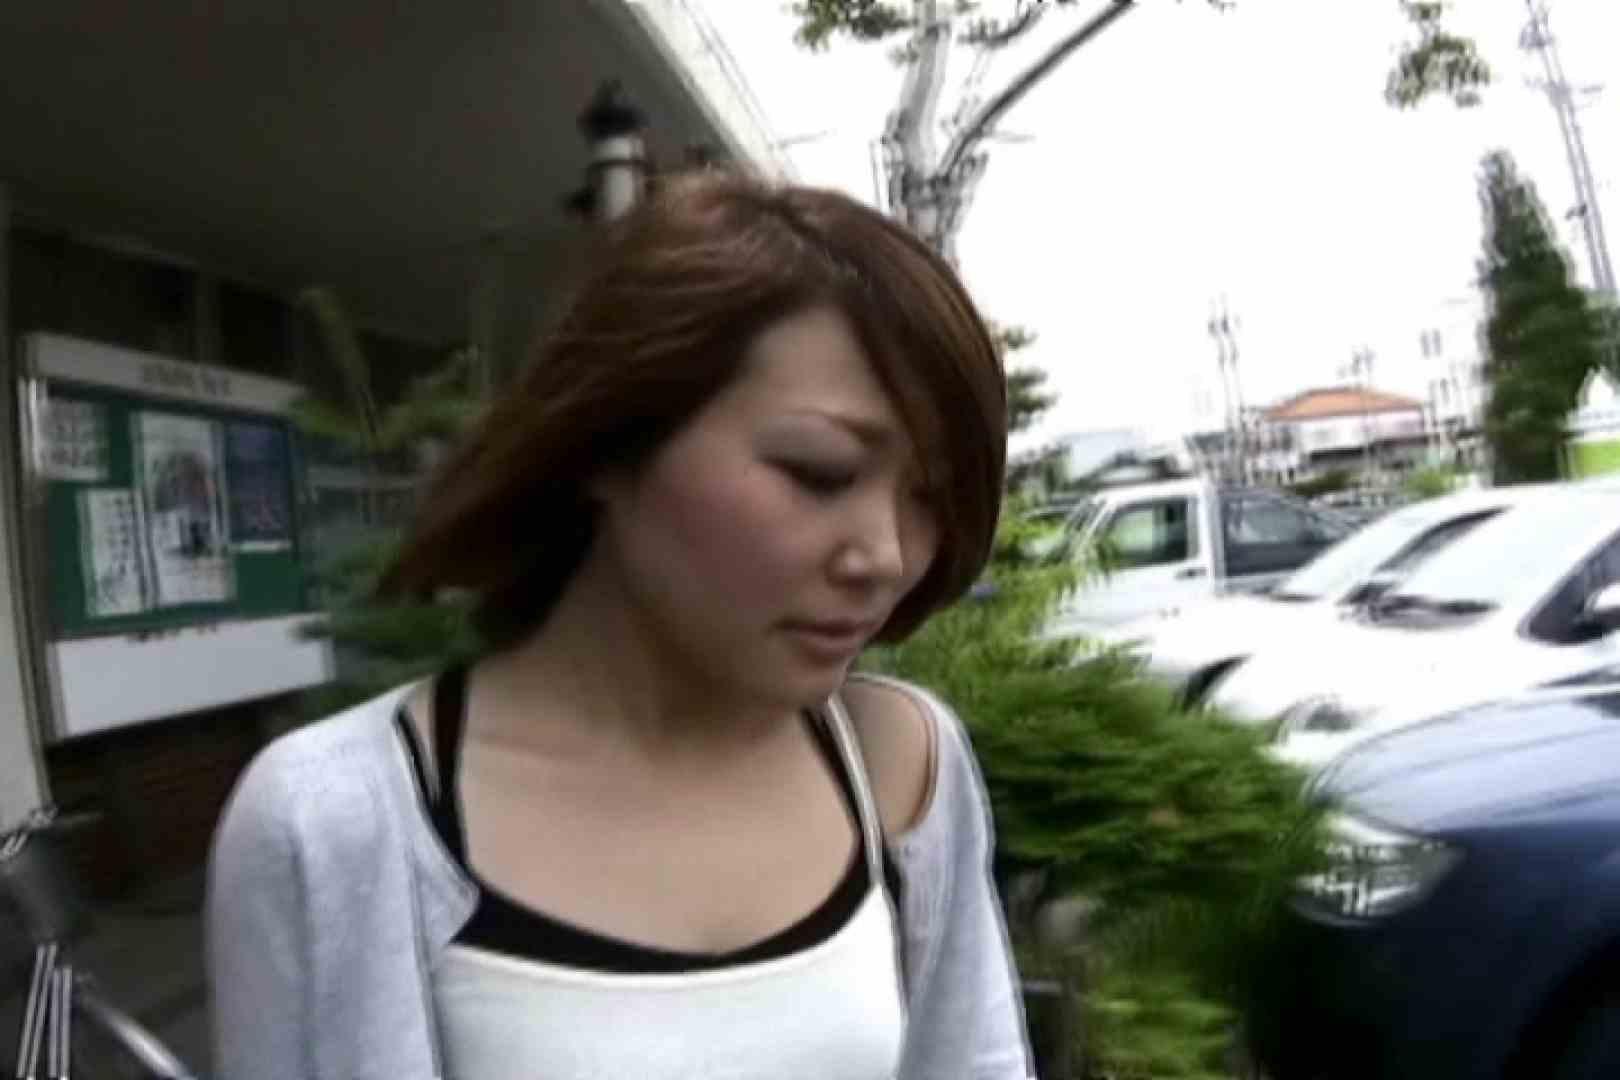 素人モデル撮っちゃいました kaori 一般投稿 すけべAV動画紹介 111pic 32